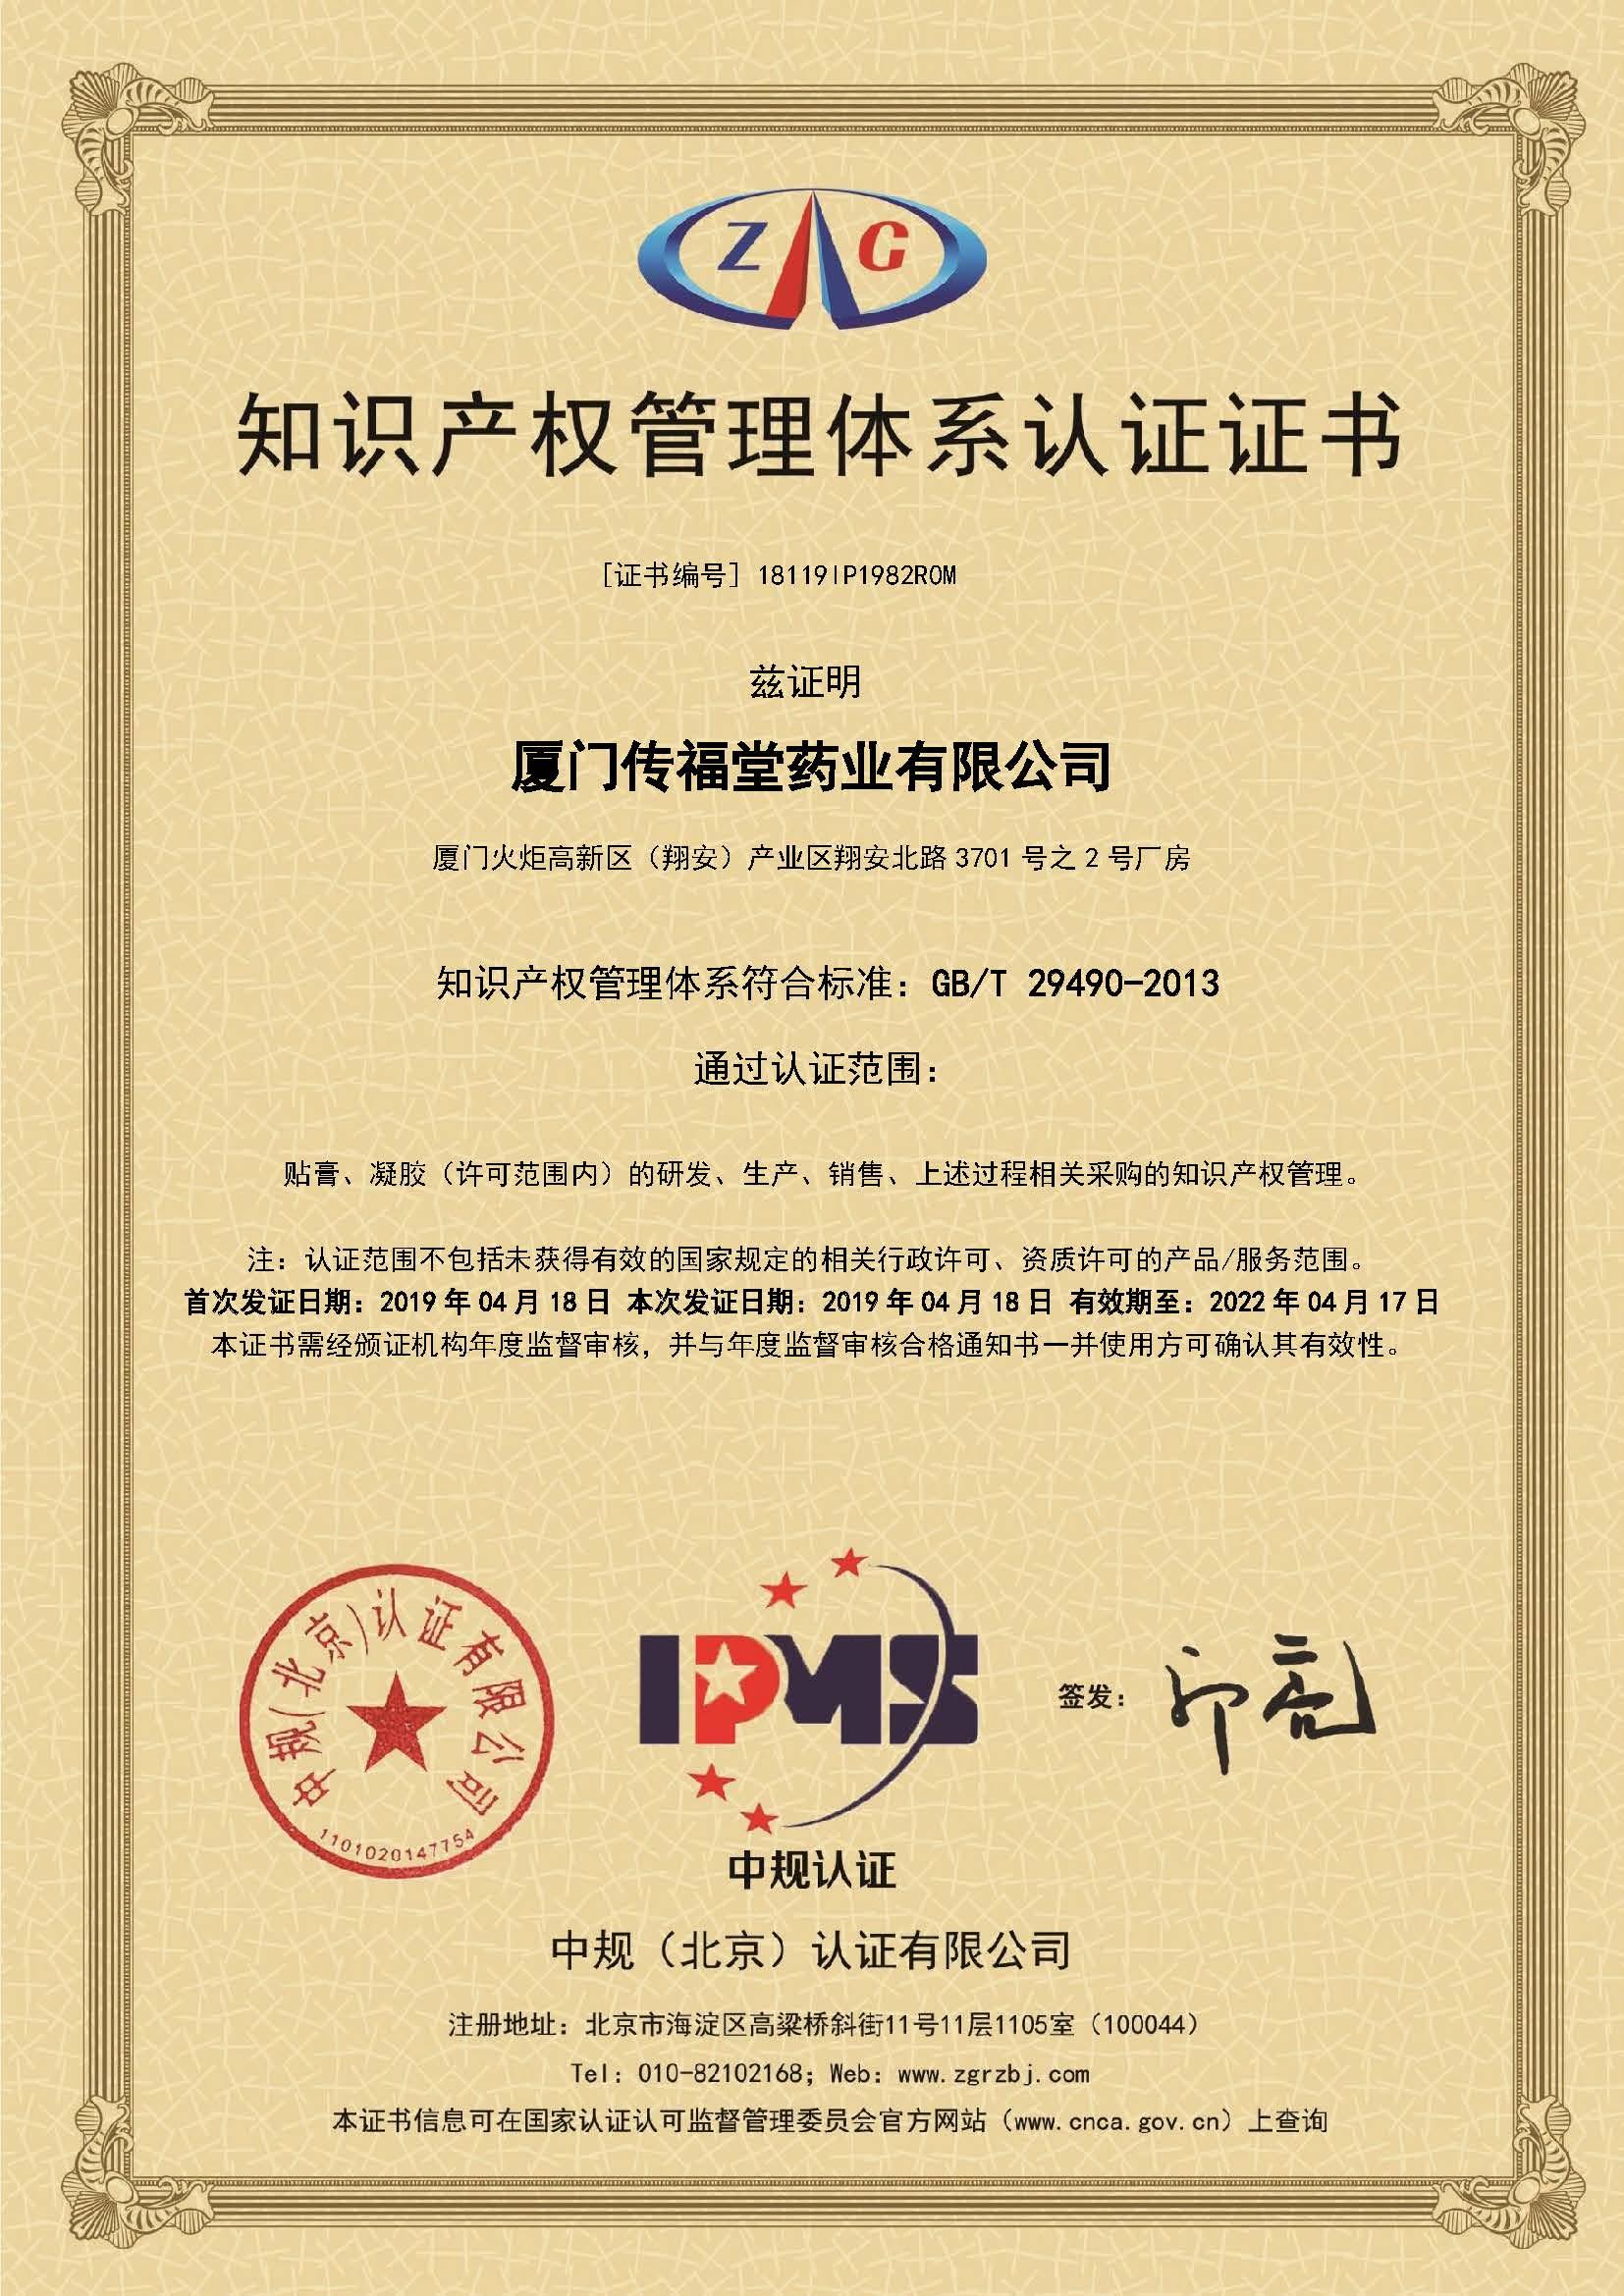 E:传福堂网络运营公司资质知识产权管理体系认证证书.jpg